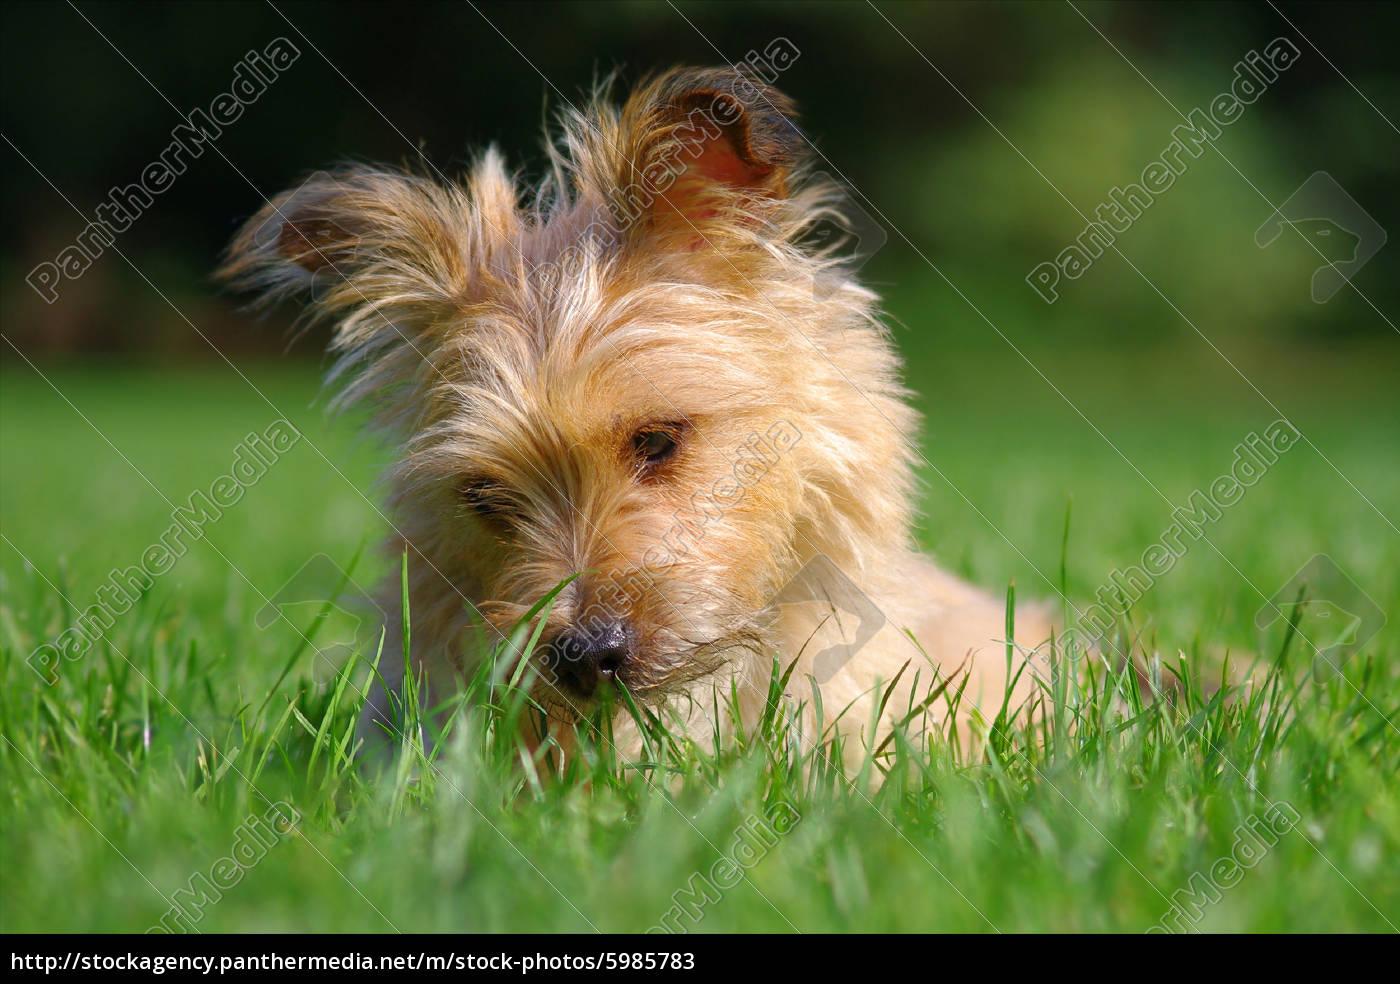 il, mio, cane - 5985783